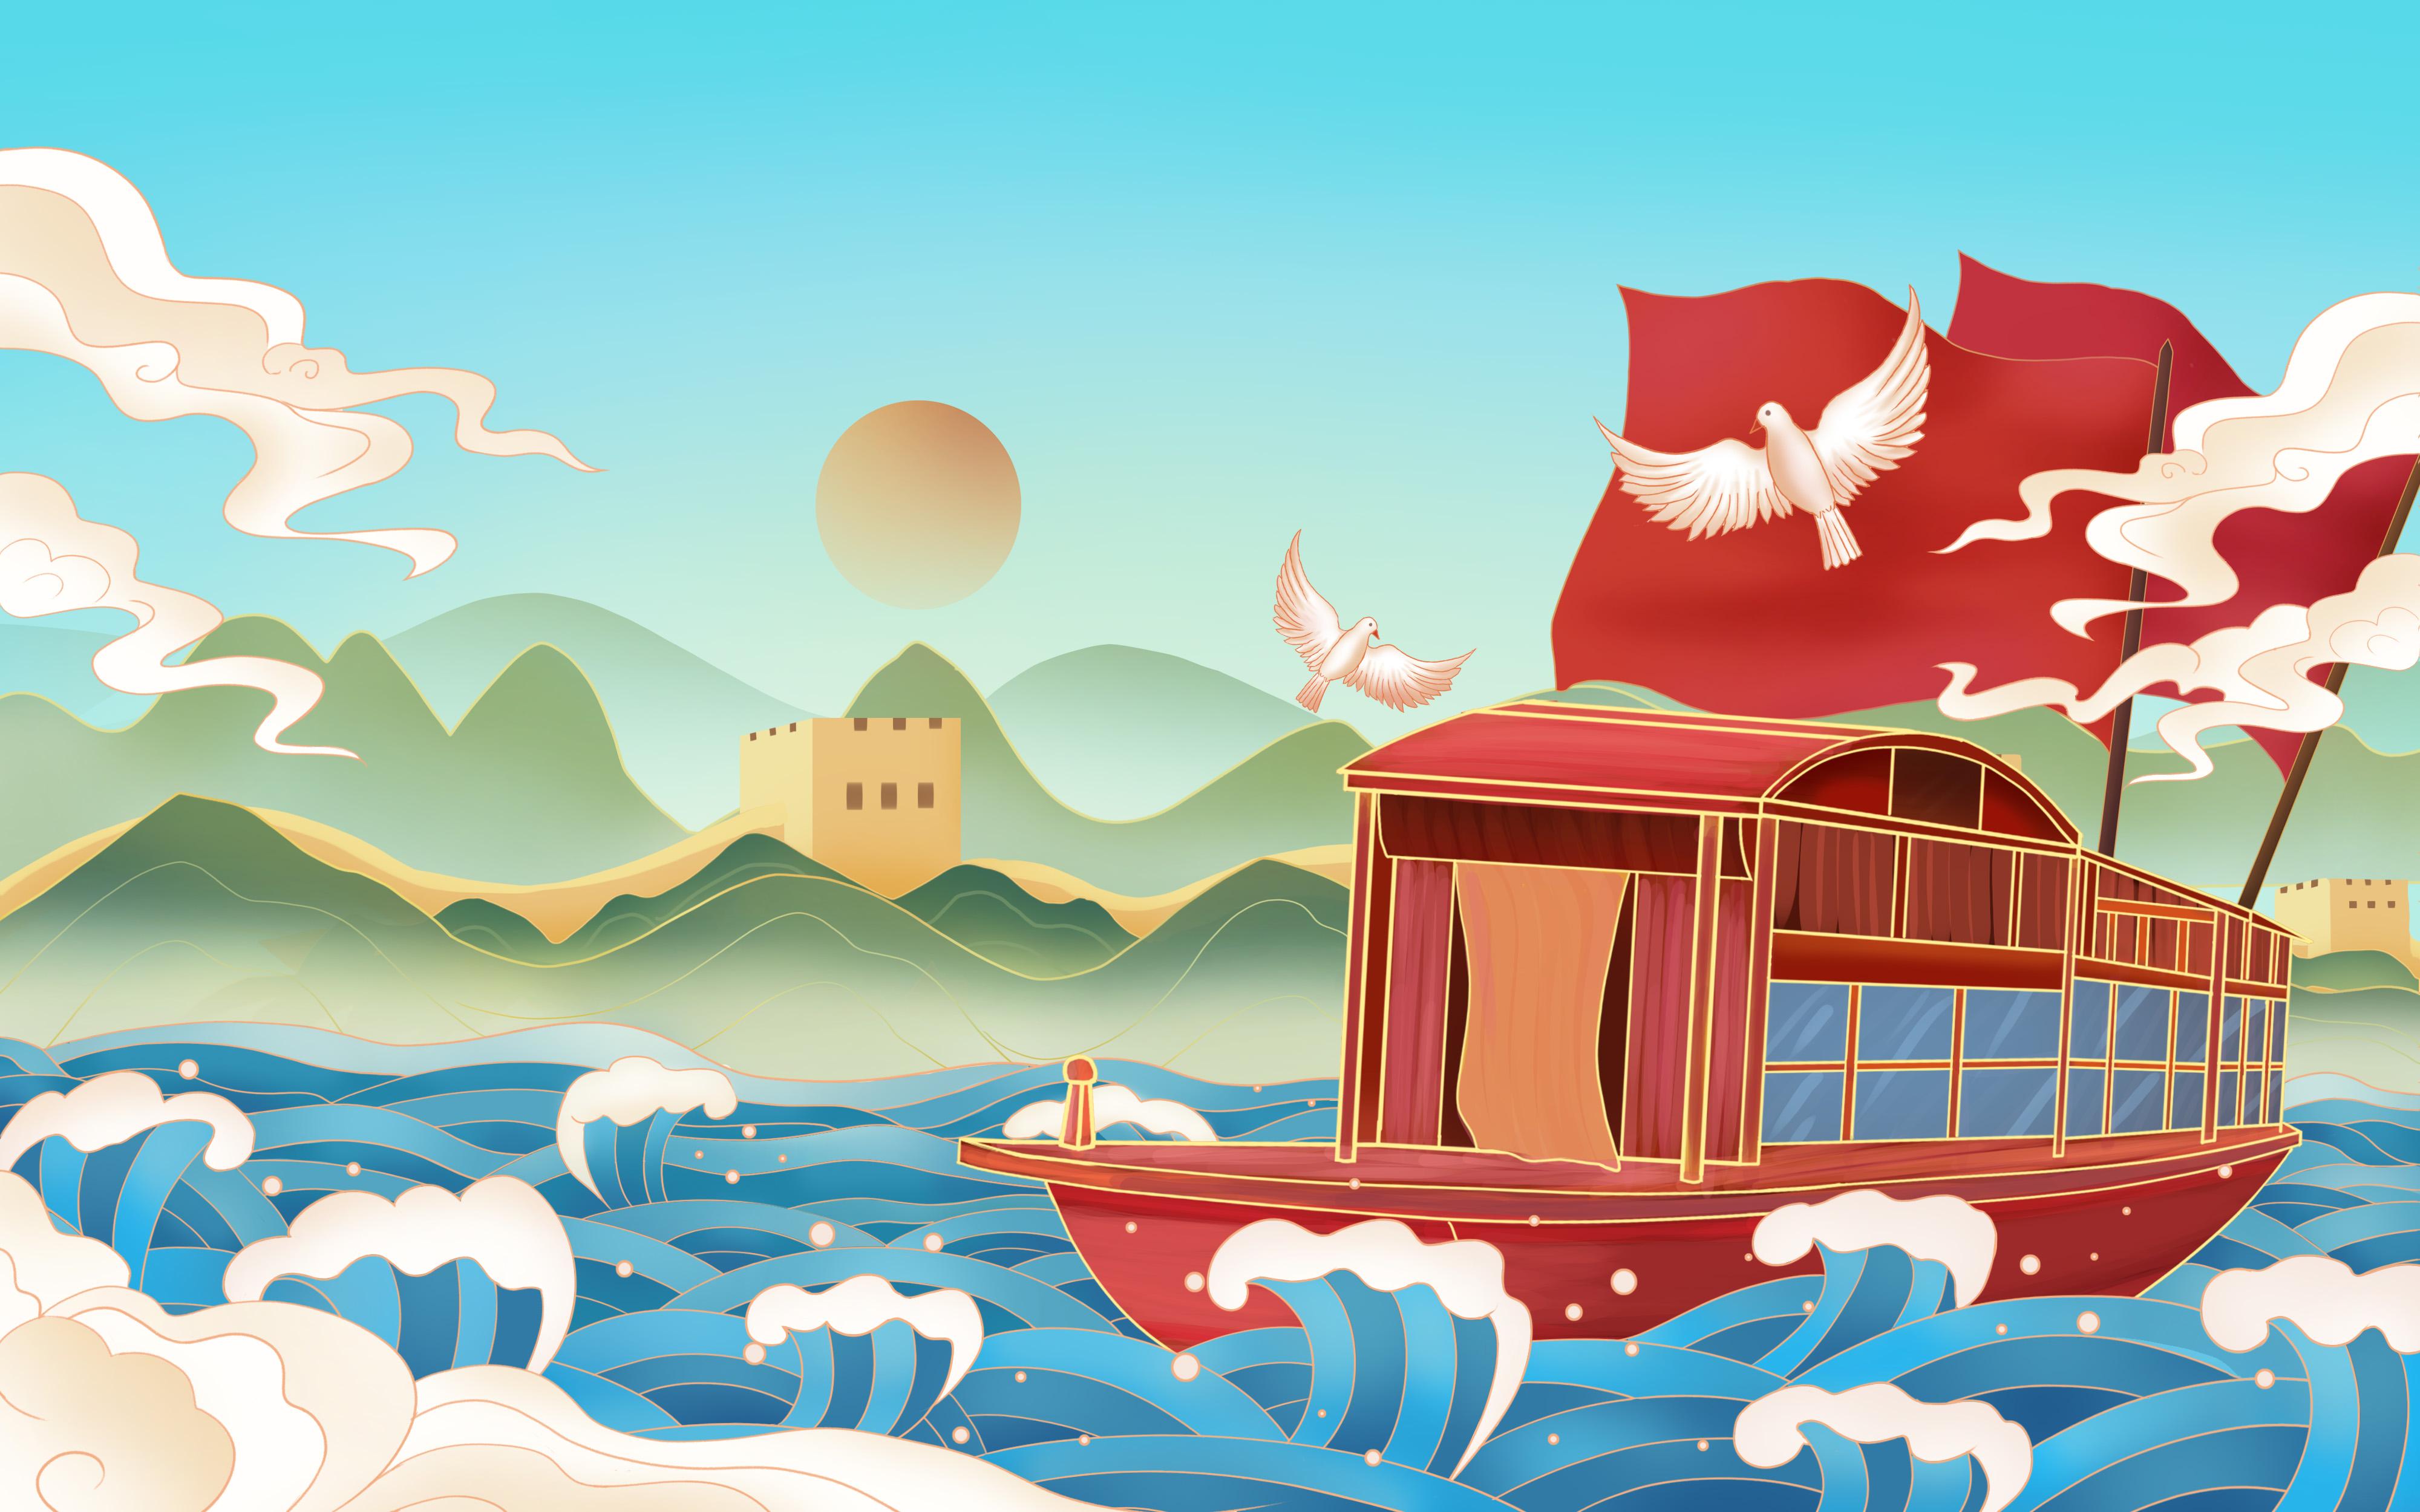 赤旗研讨会祝贺中国共产党百年华诞